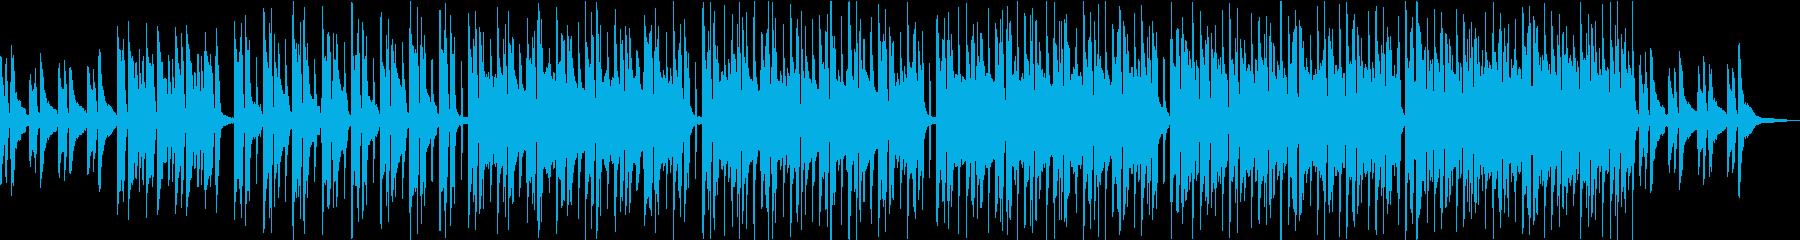 マリンバが特徴的・キッズ子供向けポップスの再生済みの波形